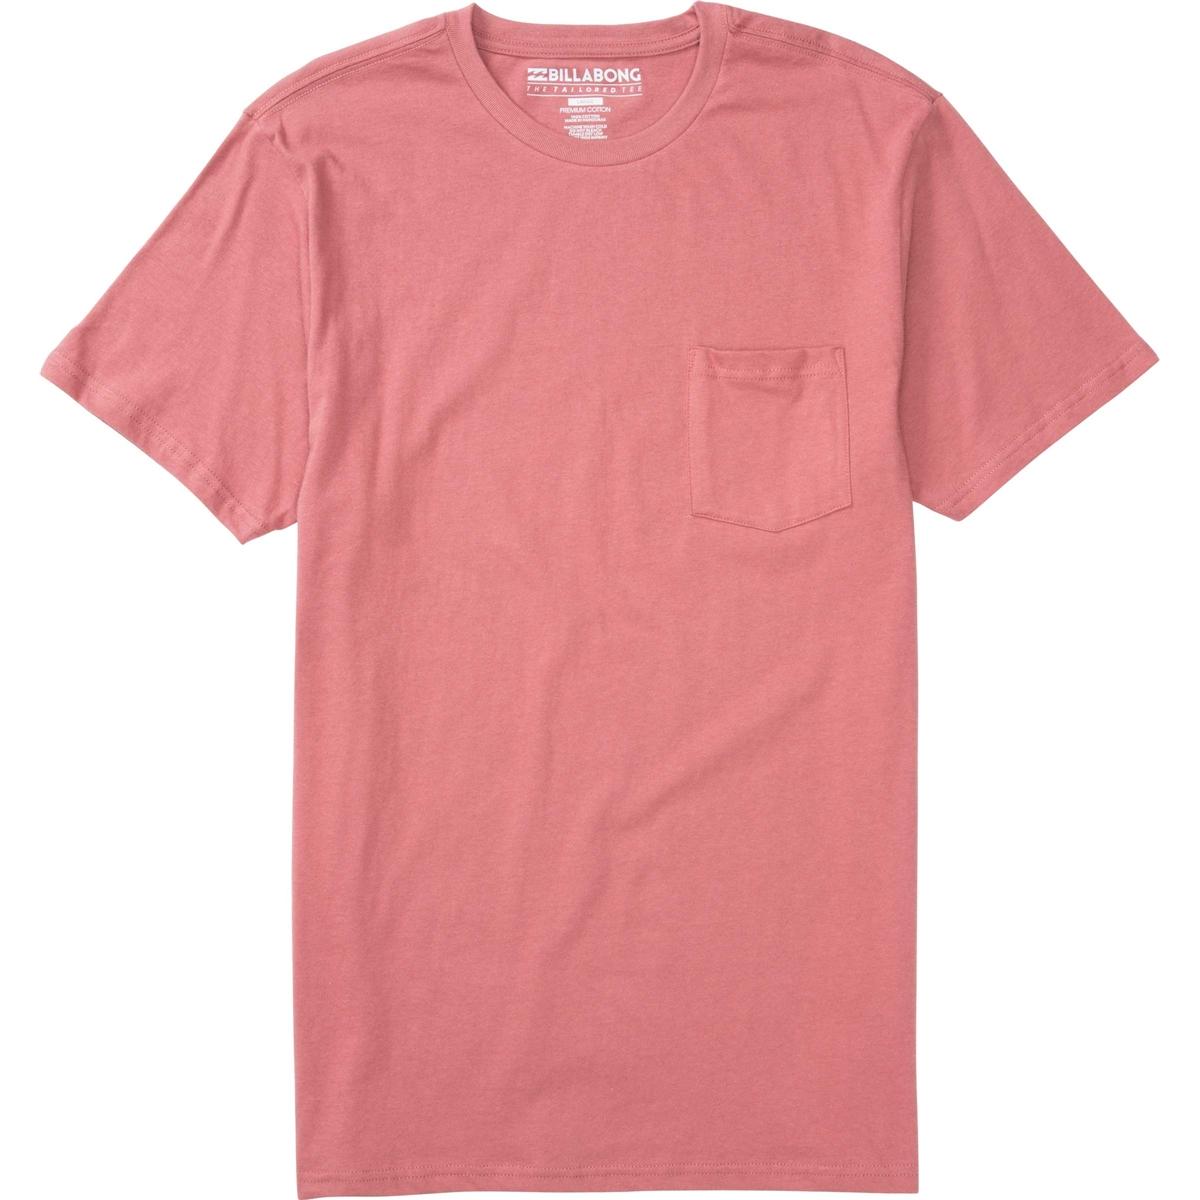 Billabong Mens Essential Tailored Short Sleeve T Shirt